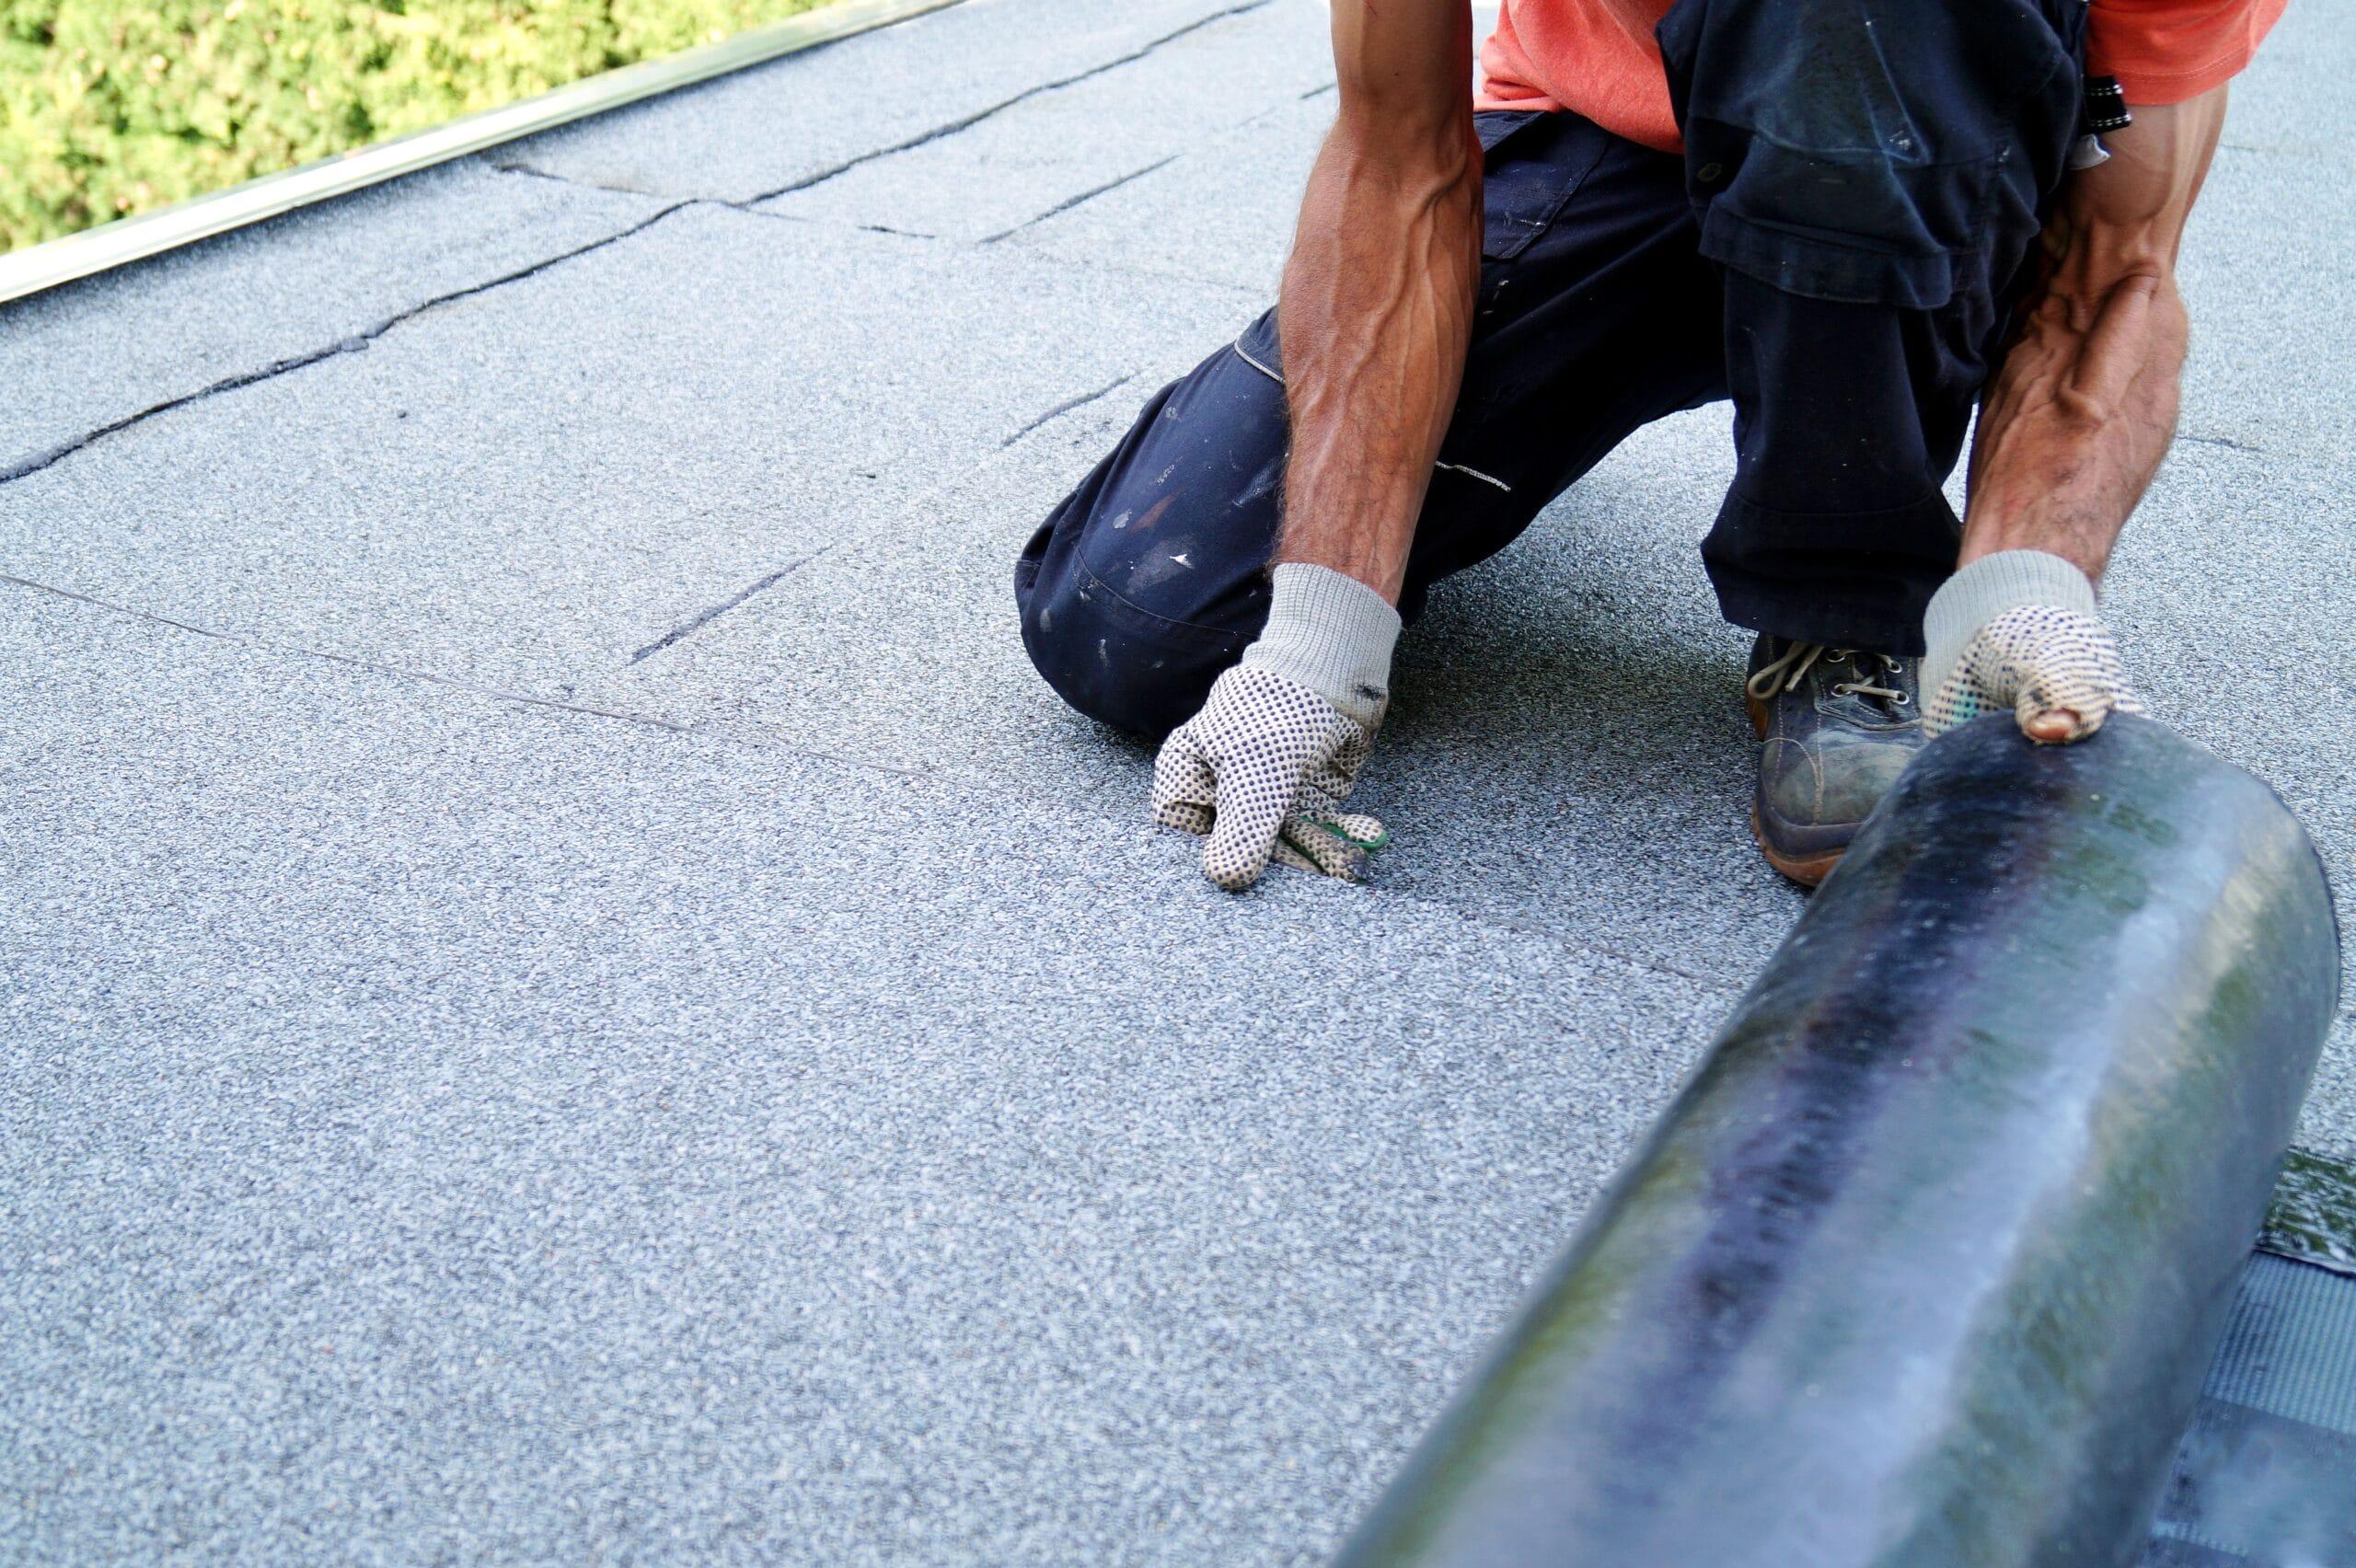 Plat dak vernieuwen: Prijs en soorten dakbedekking